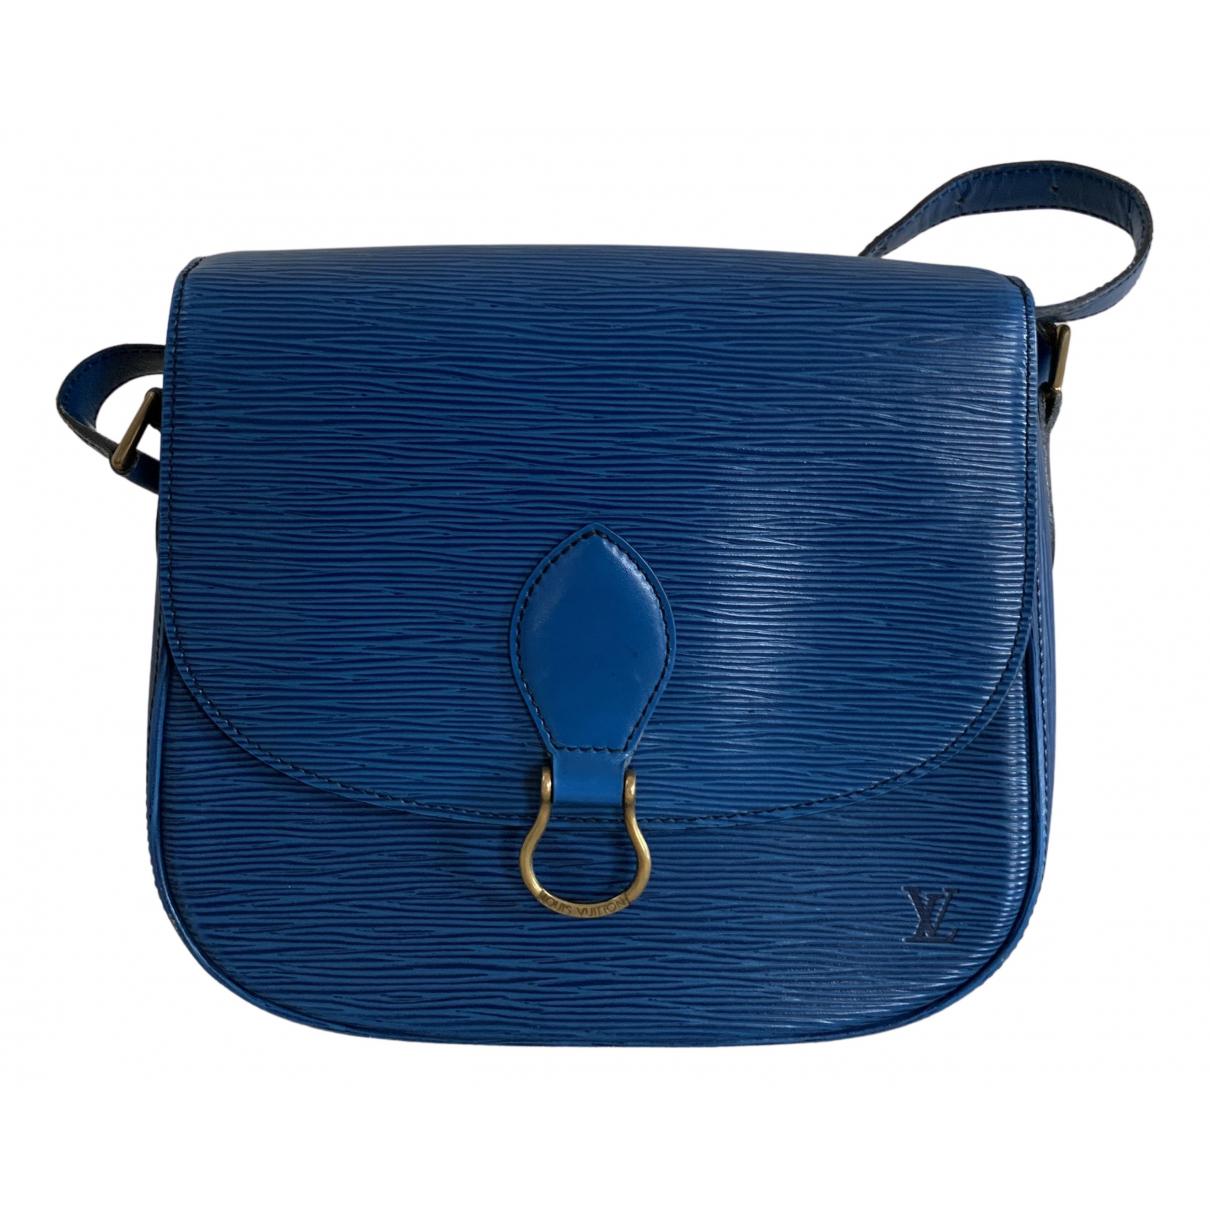 Louis Vuitton Saint Cloud vintage Blue Leather handbag for Women N